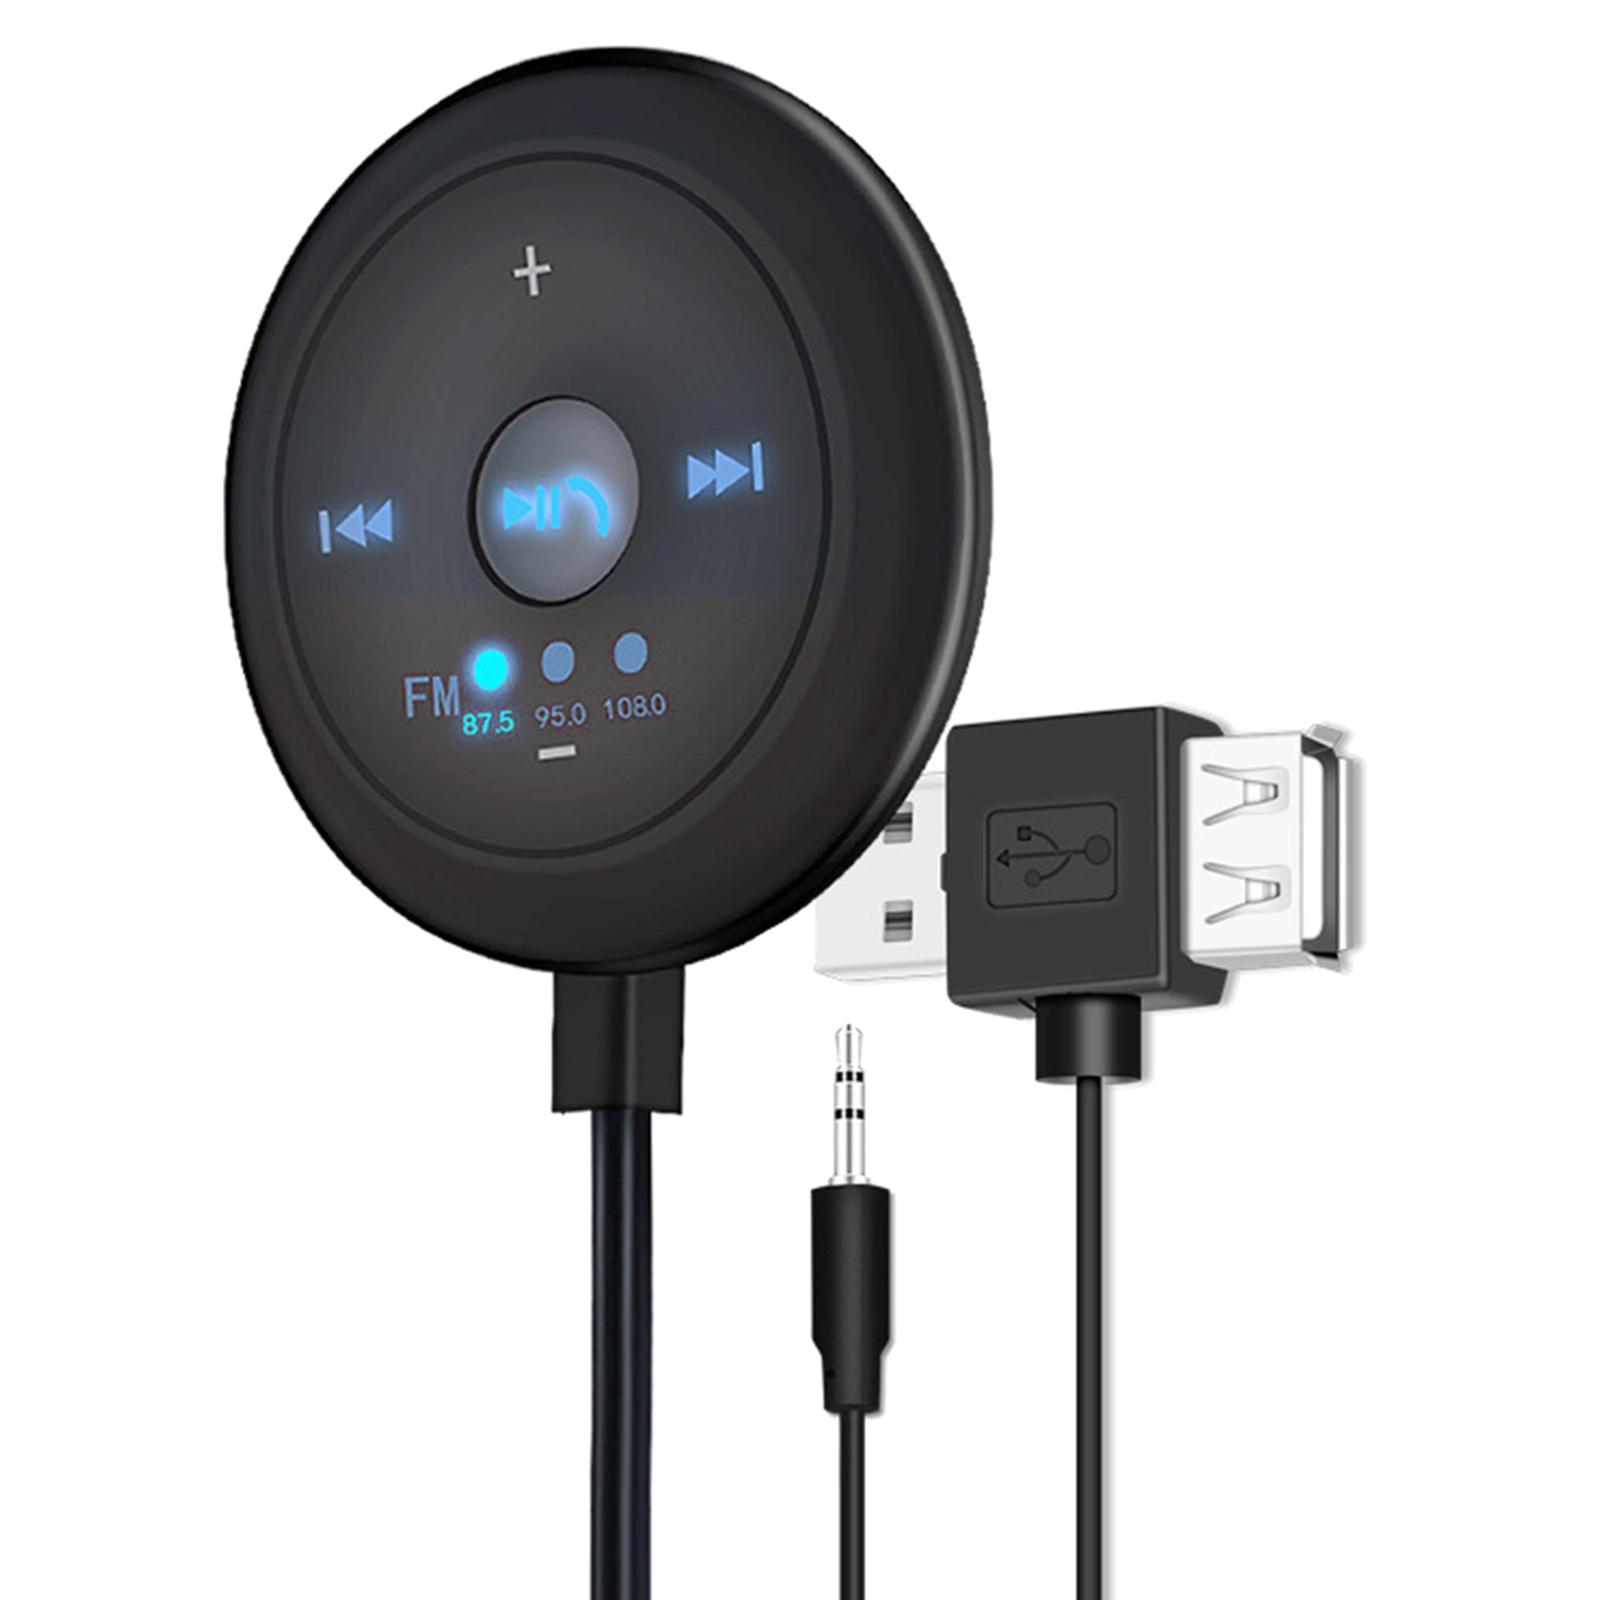 Indexbild 10 - AUX Audio Adapter 2 in 1 FM Transmitter Basis Eingebaute Mic 5x5x1,7 cm für